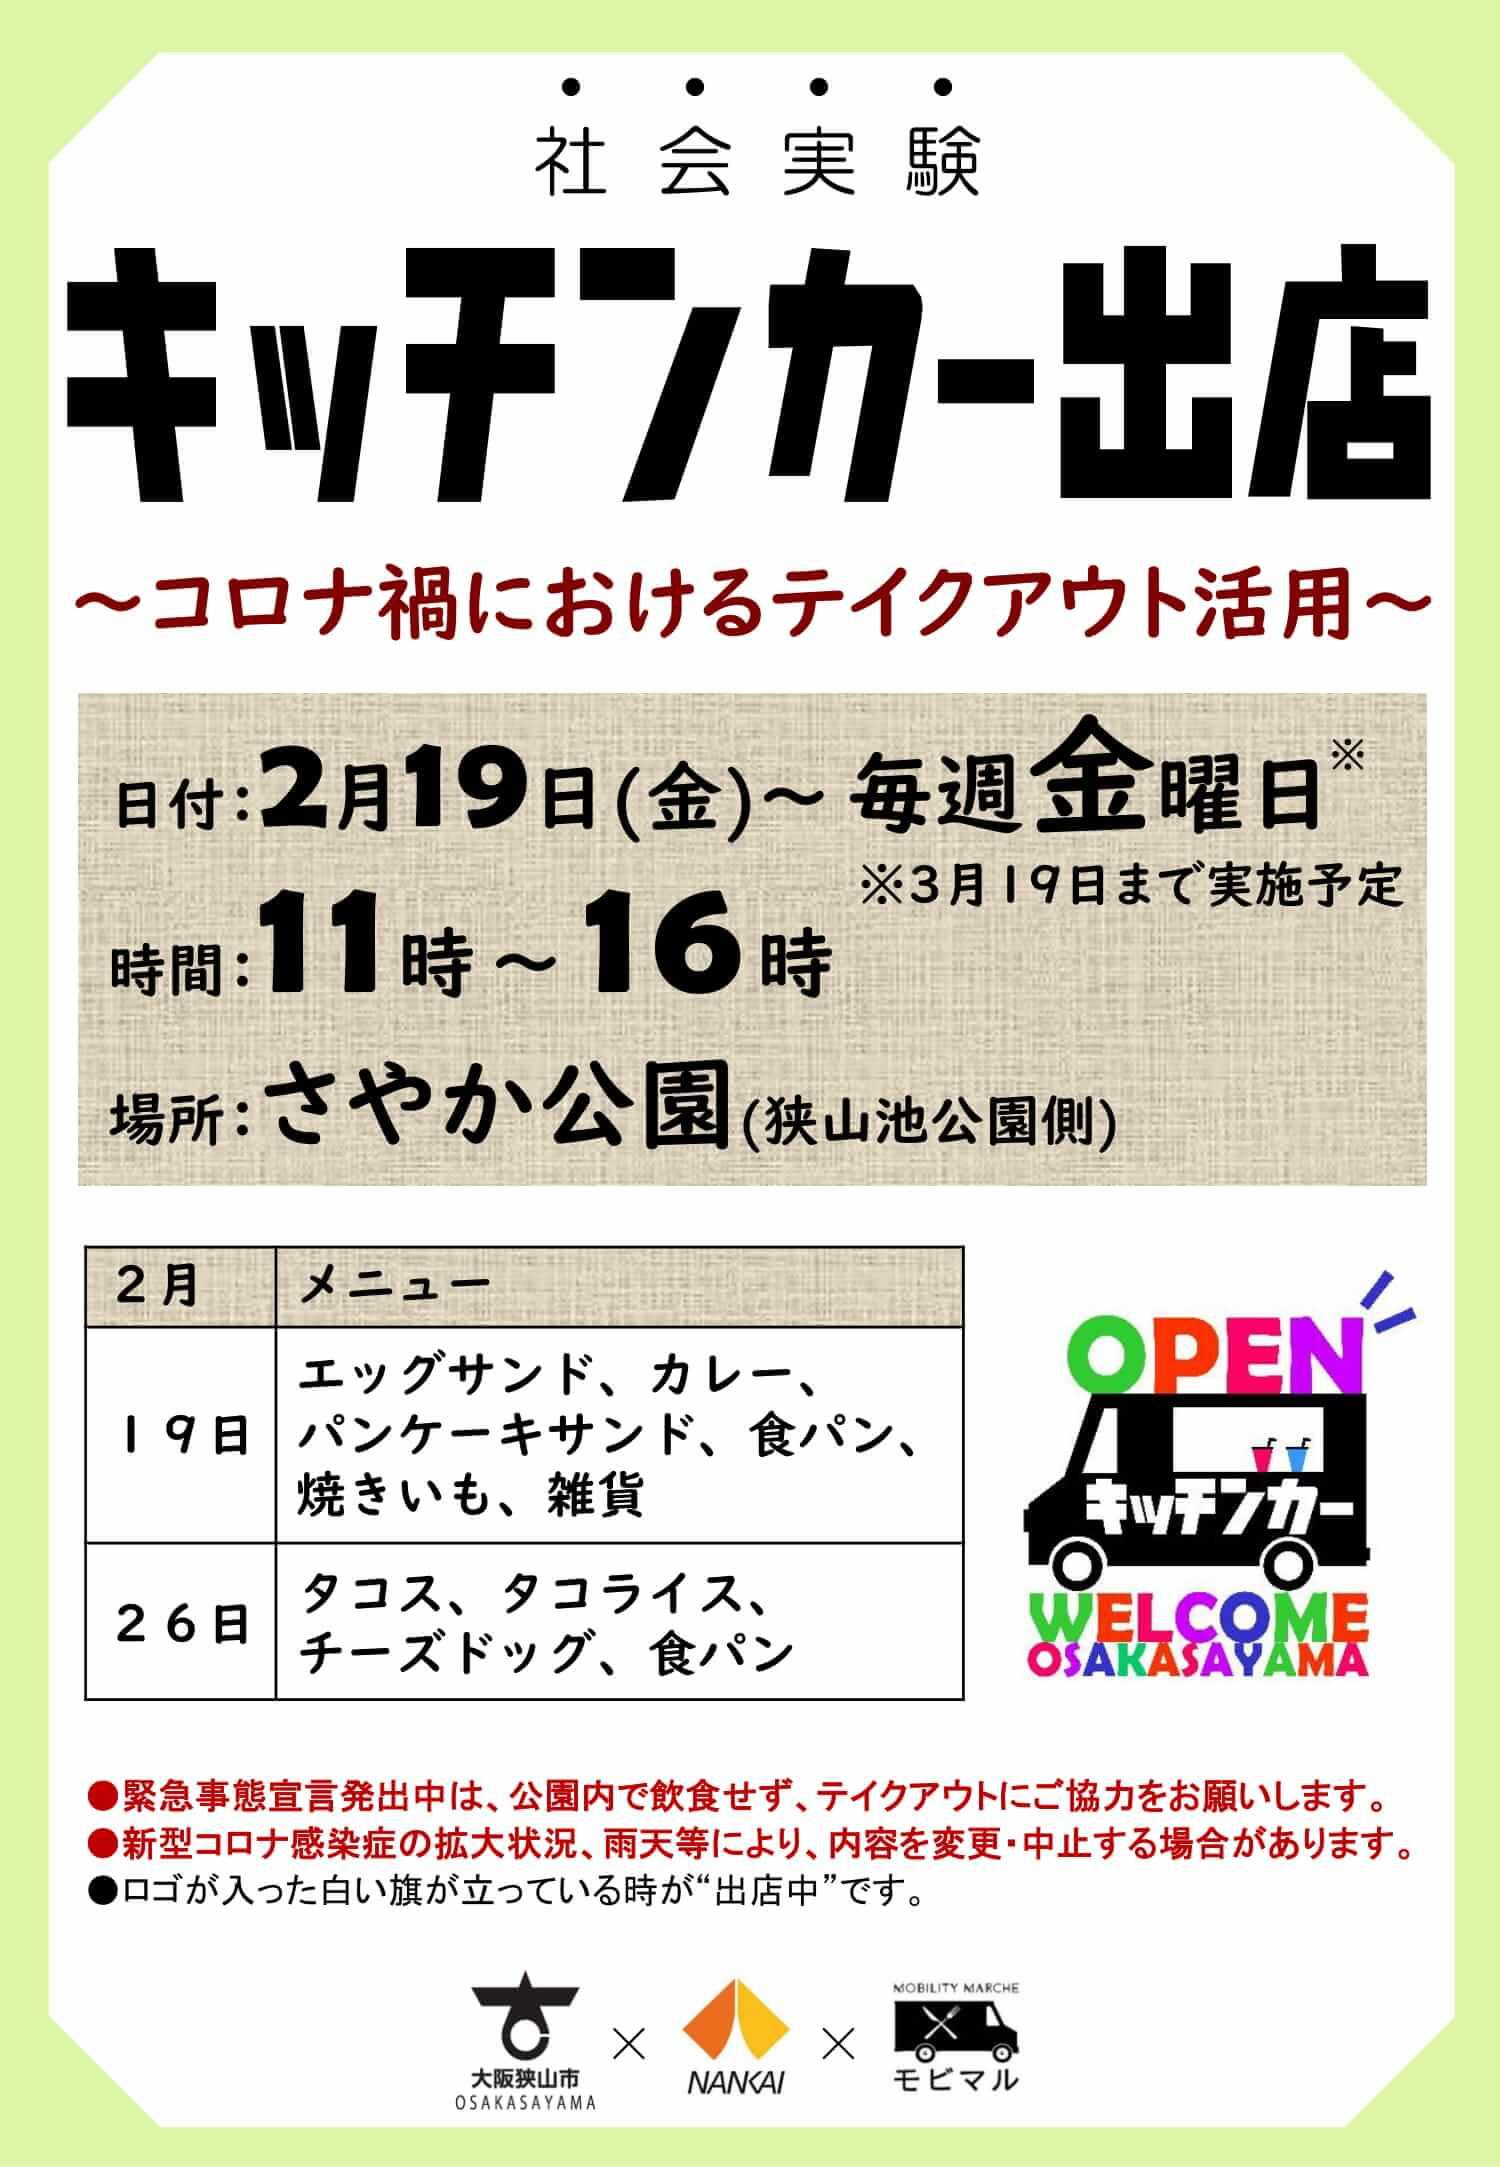 2月【出店情報は随時更新】大阪狭山市に「キッチンカーがやってくる!」出店日の様子も掲載中です